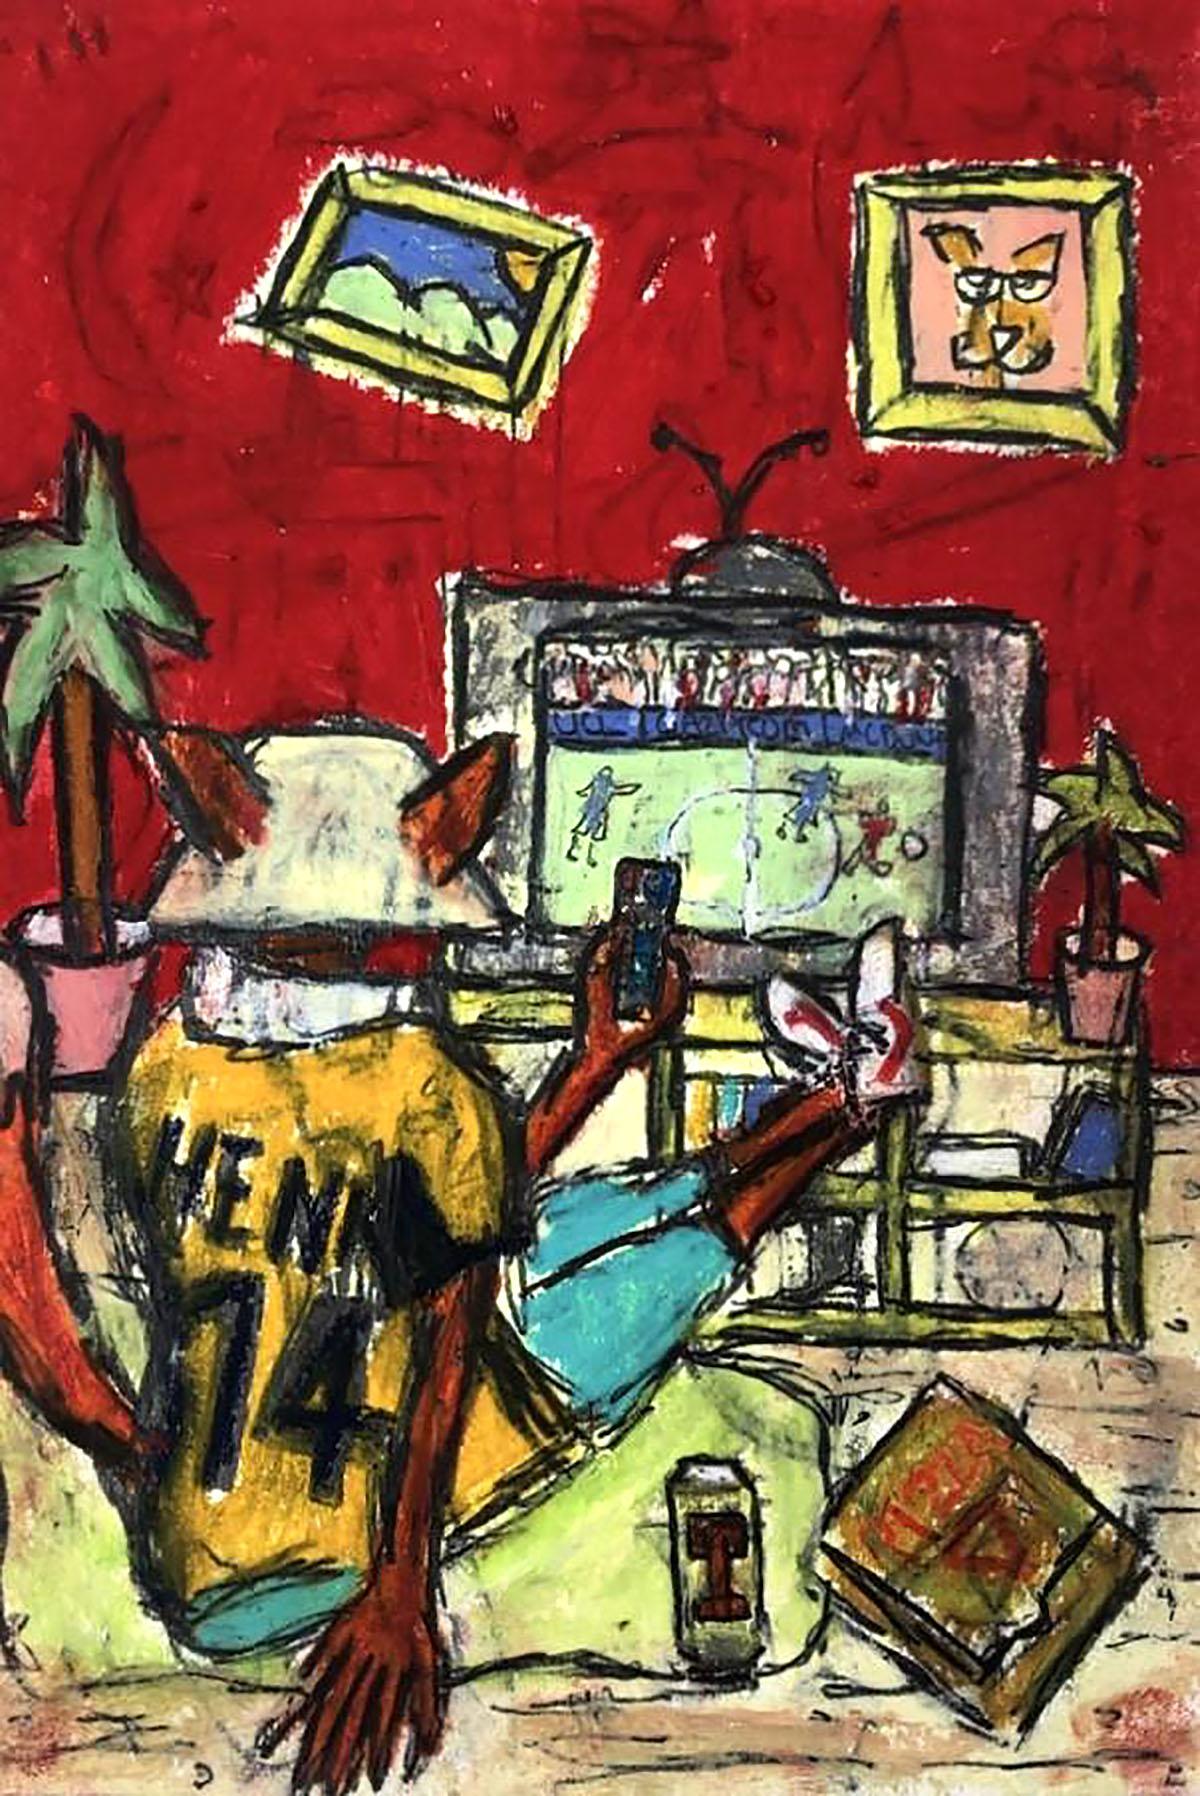 Sam Macinnes - The Dude Zone